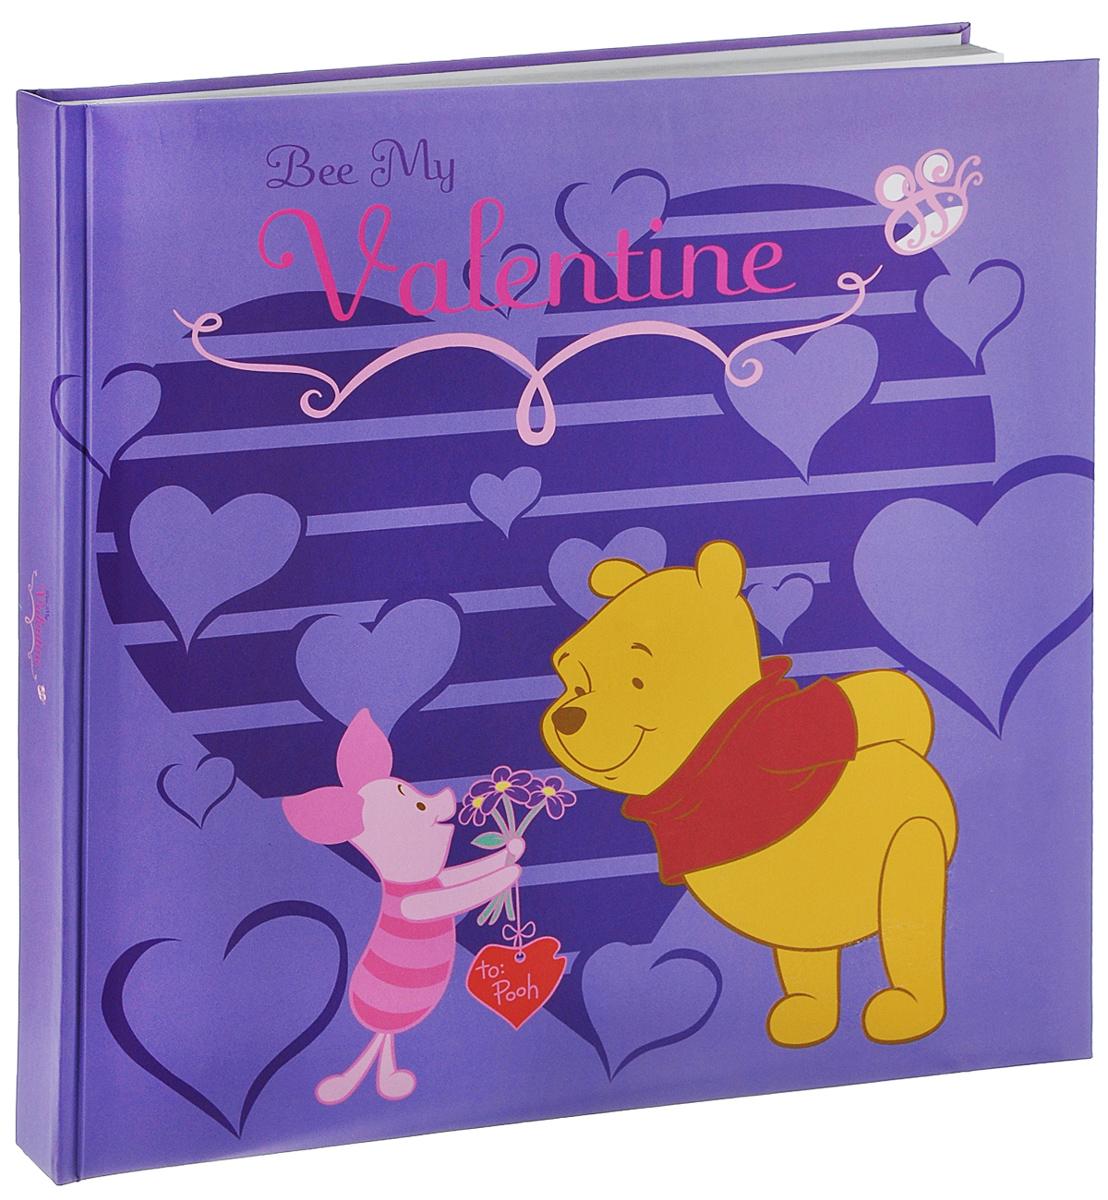 Фотоальбом Pioneer Disney Valentine, 20 магнитных листов, 29 х 32 см фоторамка pioneer цвет красный 21 х 29 7 см 15797